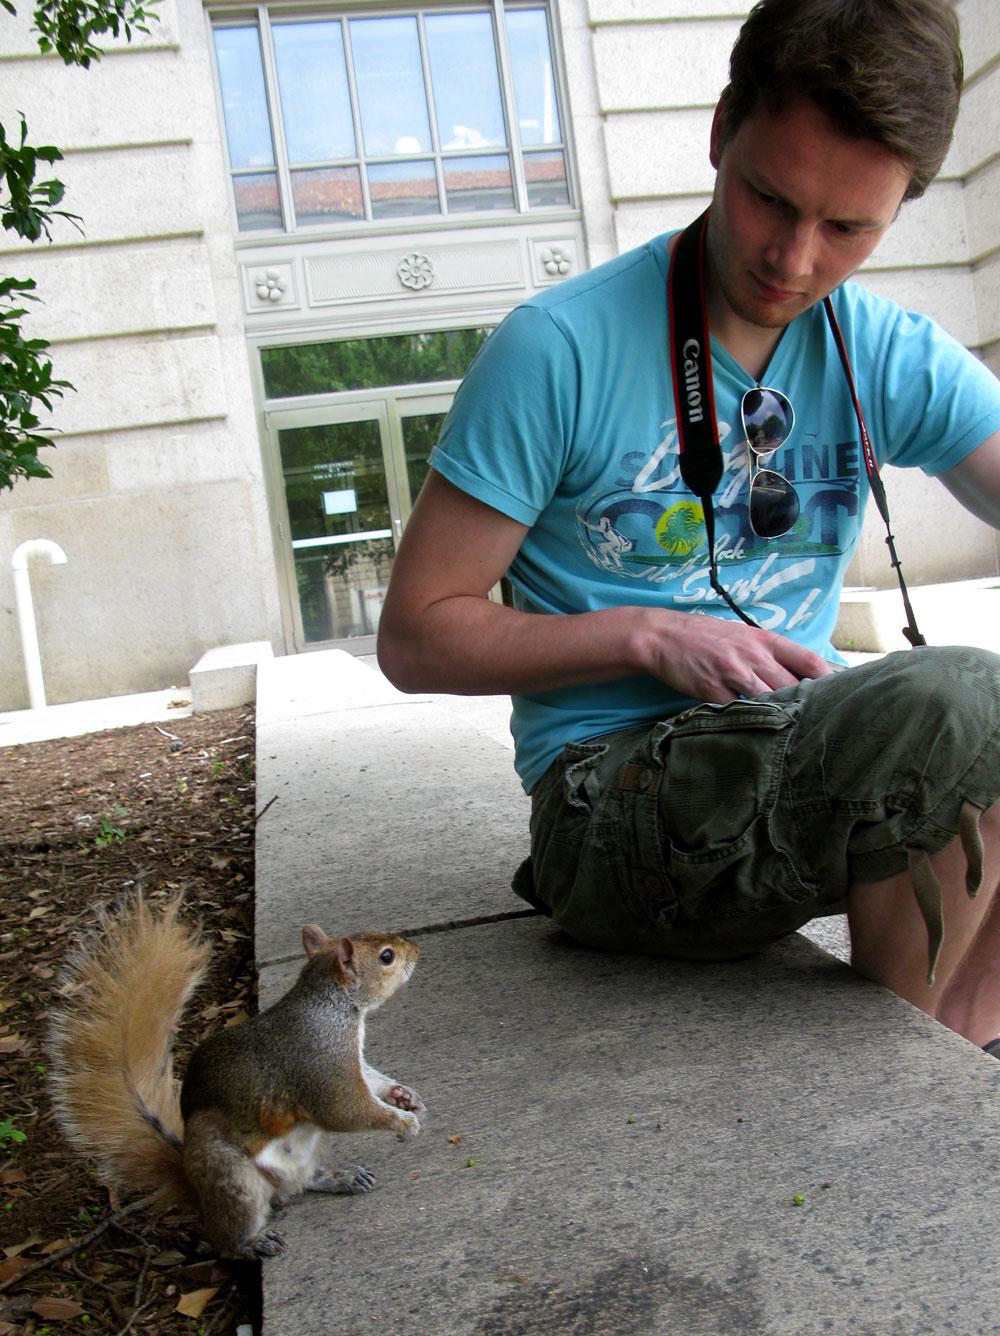 L & squirrel friend